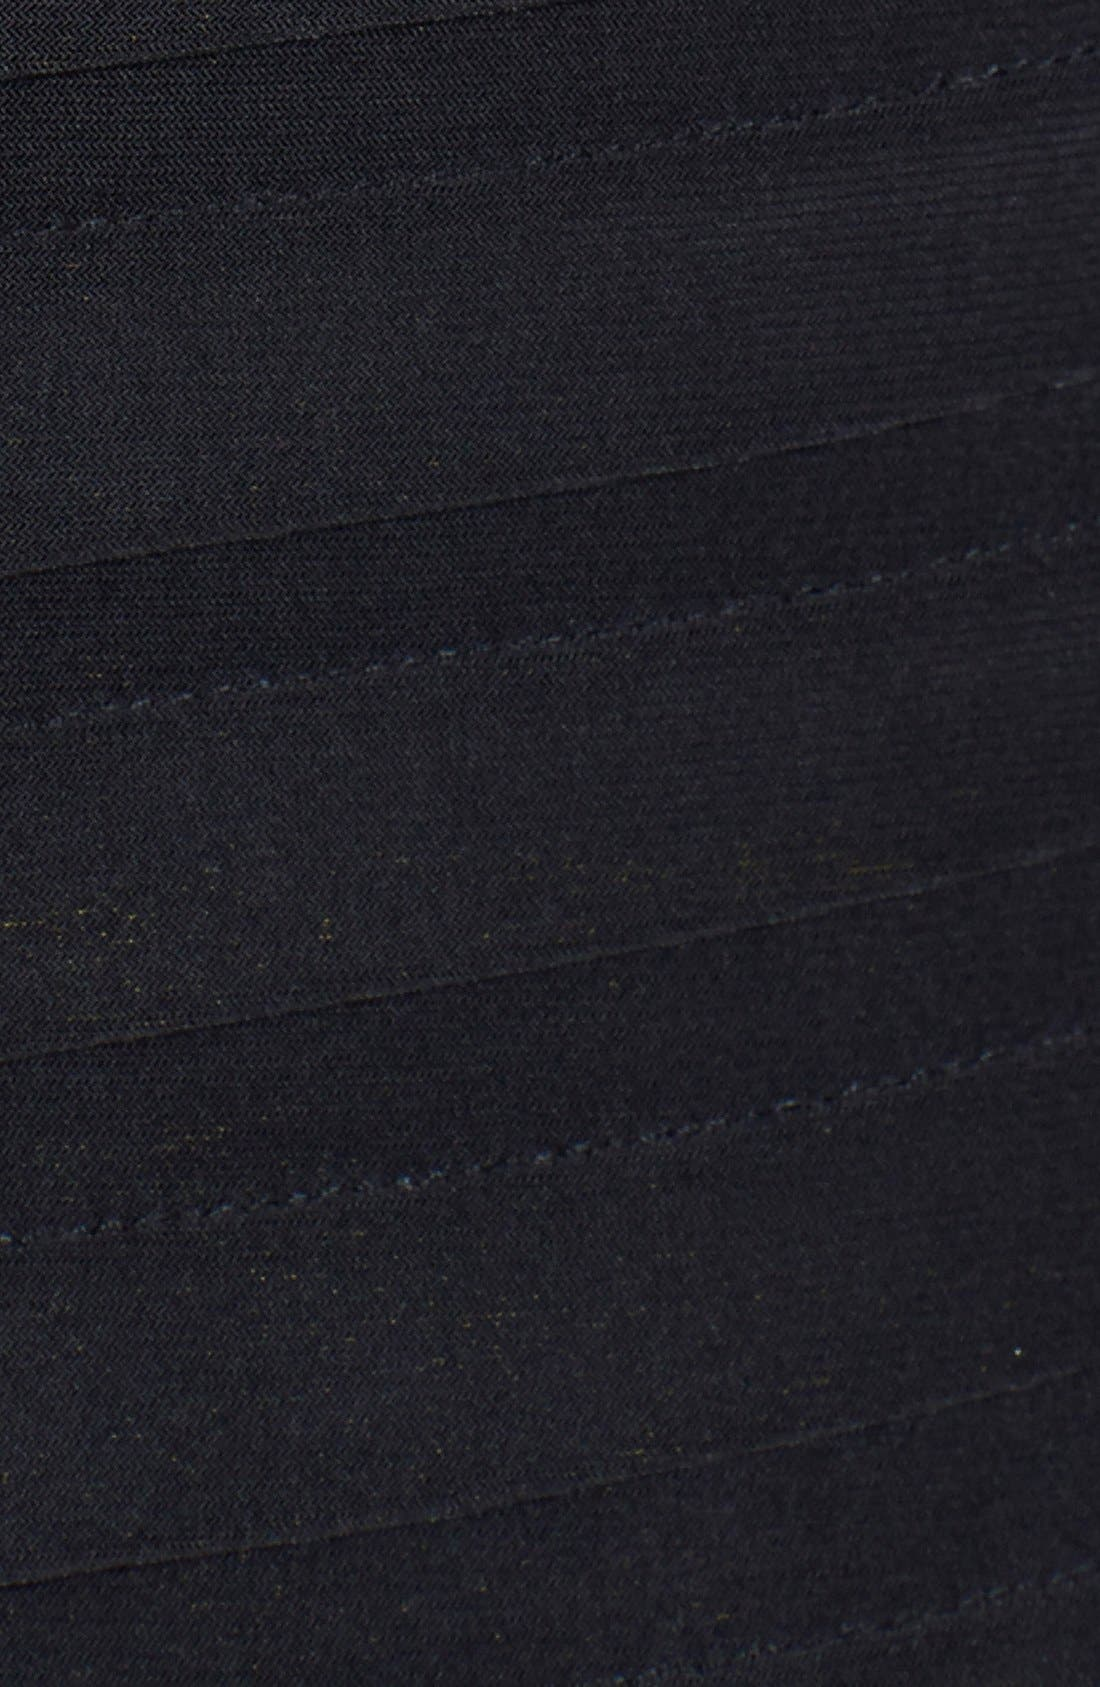 Soutache Shutter Pleat Sheath Dress,                             Alternate thumbnail 4, color,                             Black